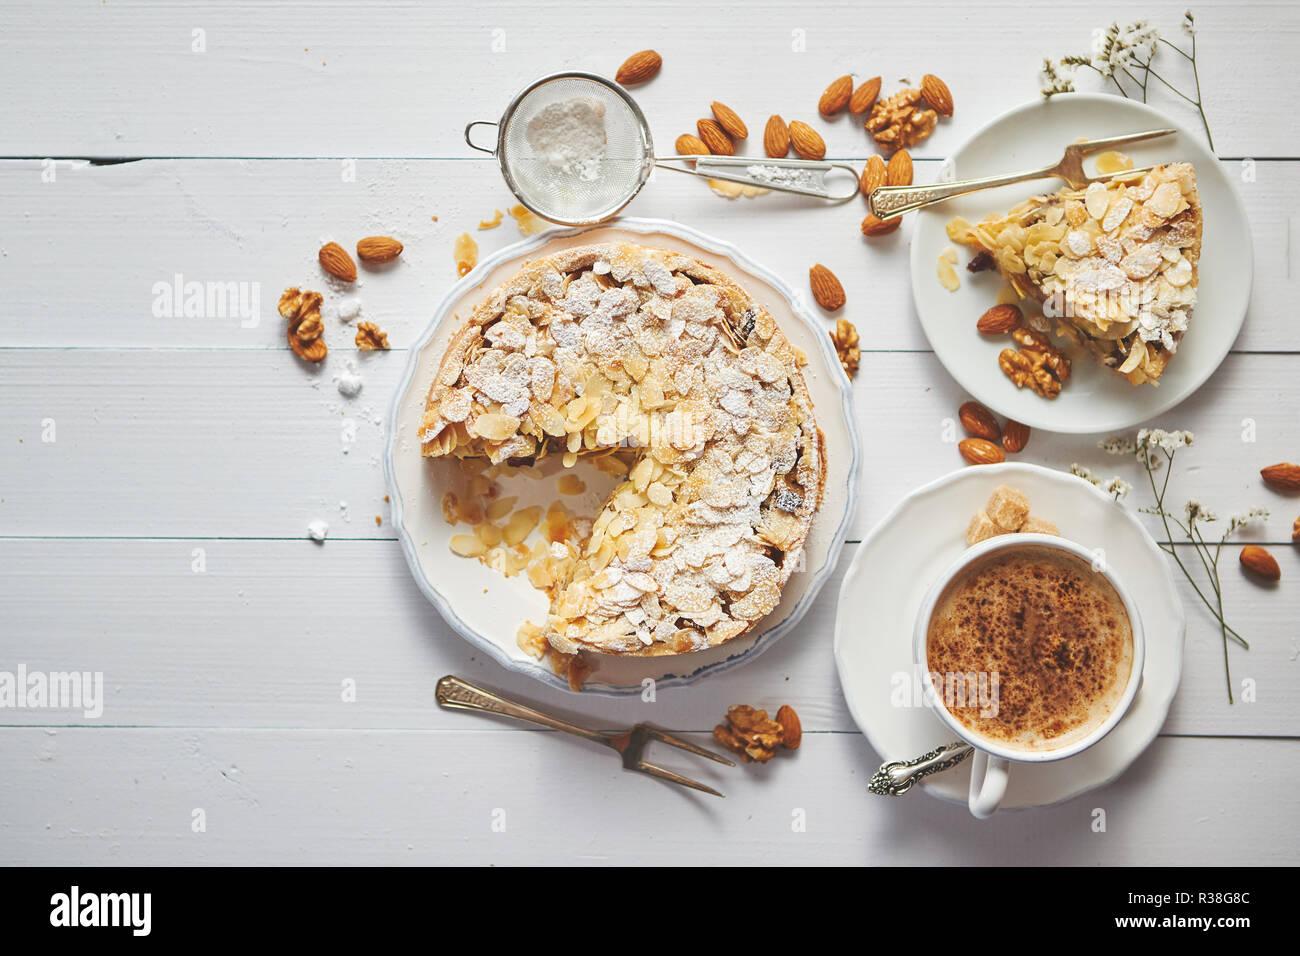 Tutta la deliziosa torta di mele con mandorle servita su un tavolo di legno Immagini Stock